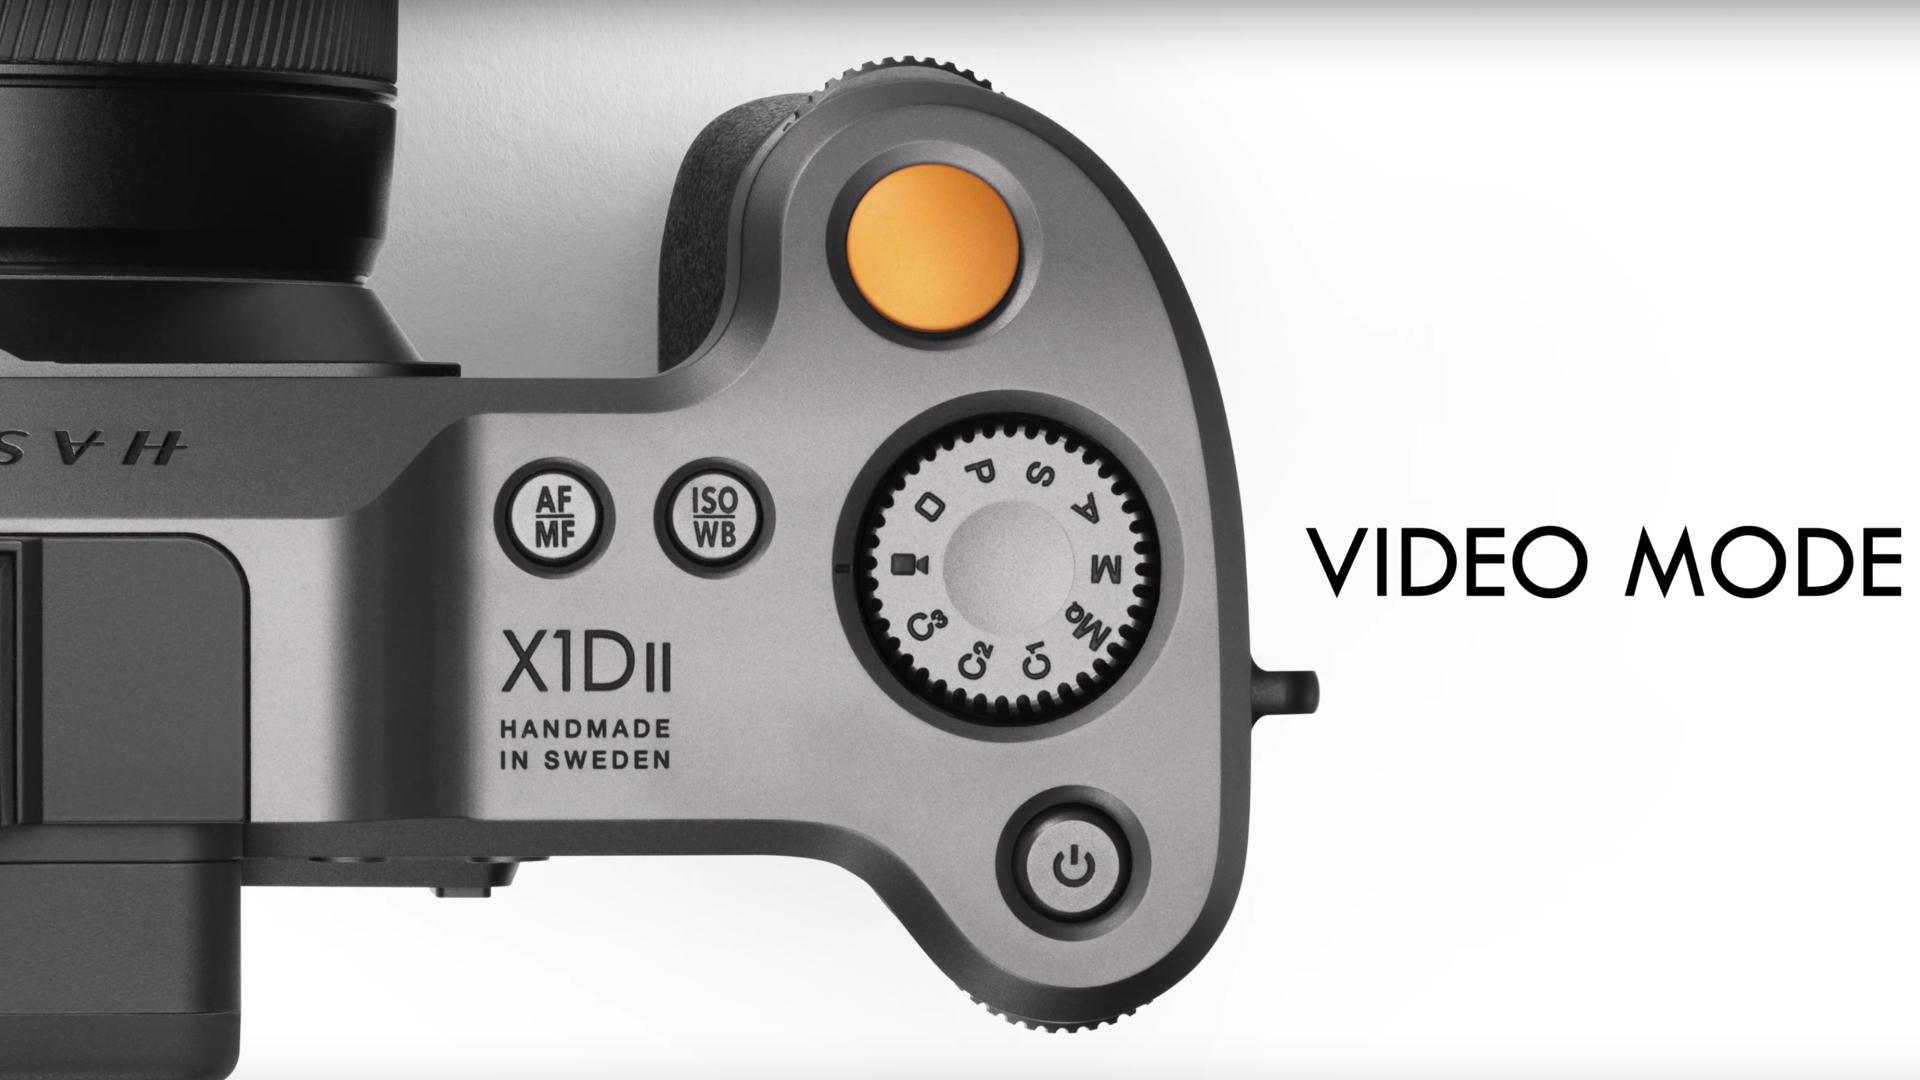 Hasselblad agregó el Modo de Video para sus cámaras de formato medio X1D II 50C y 907X